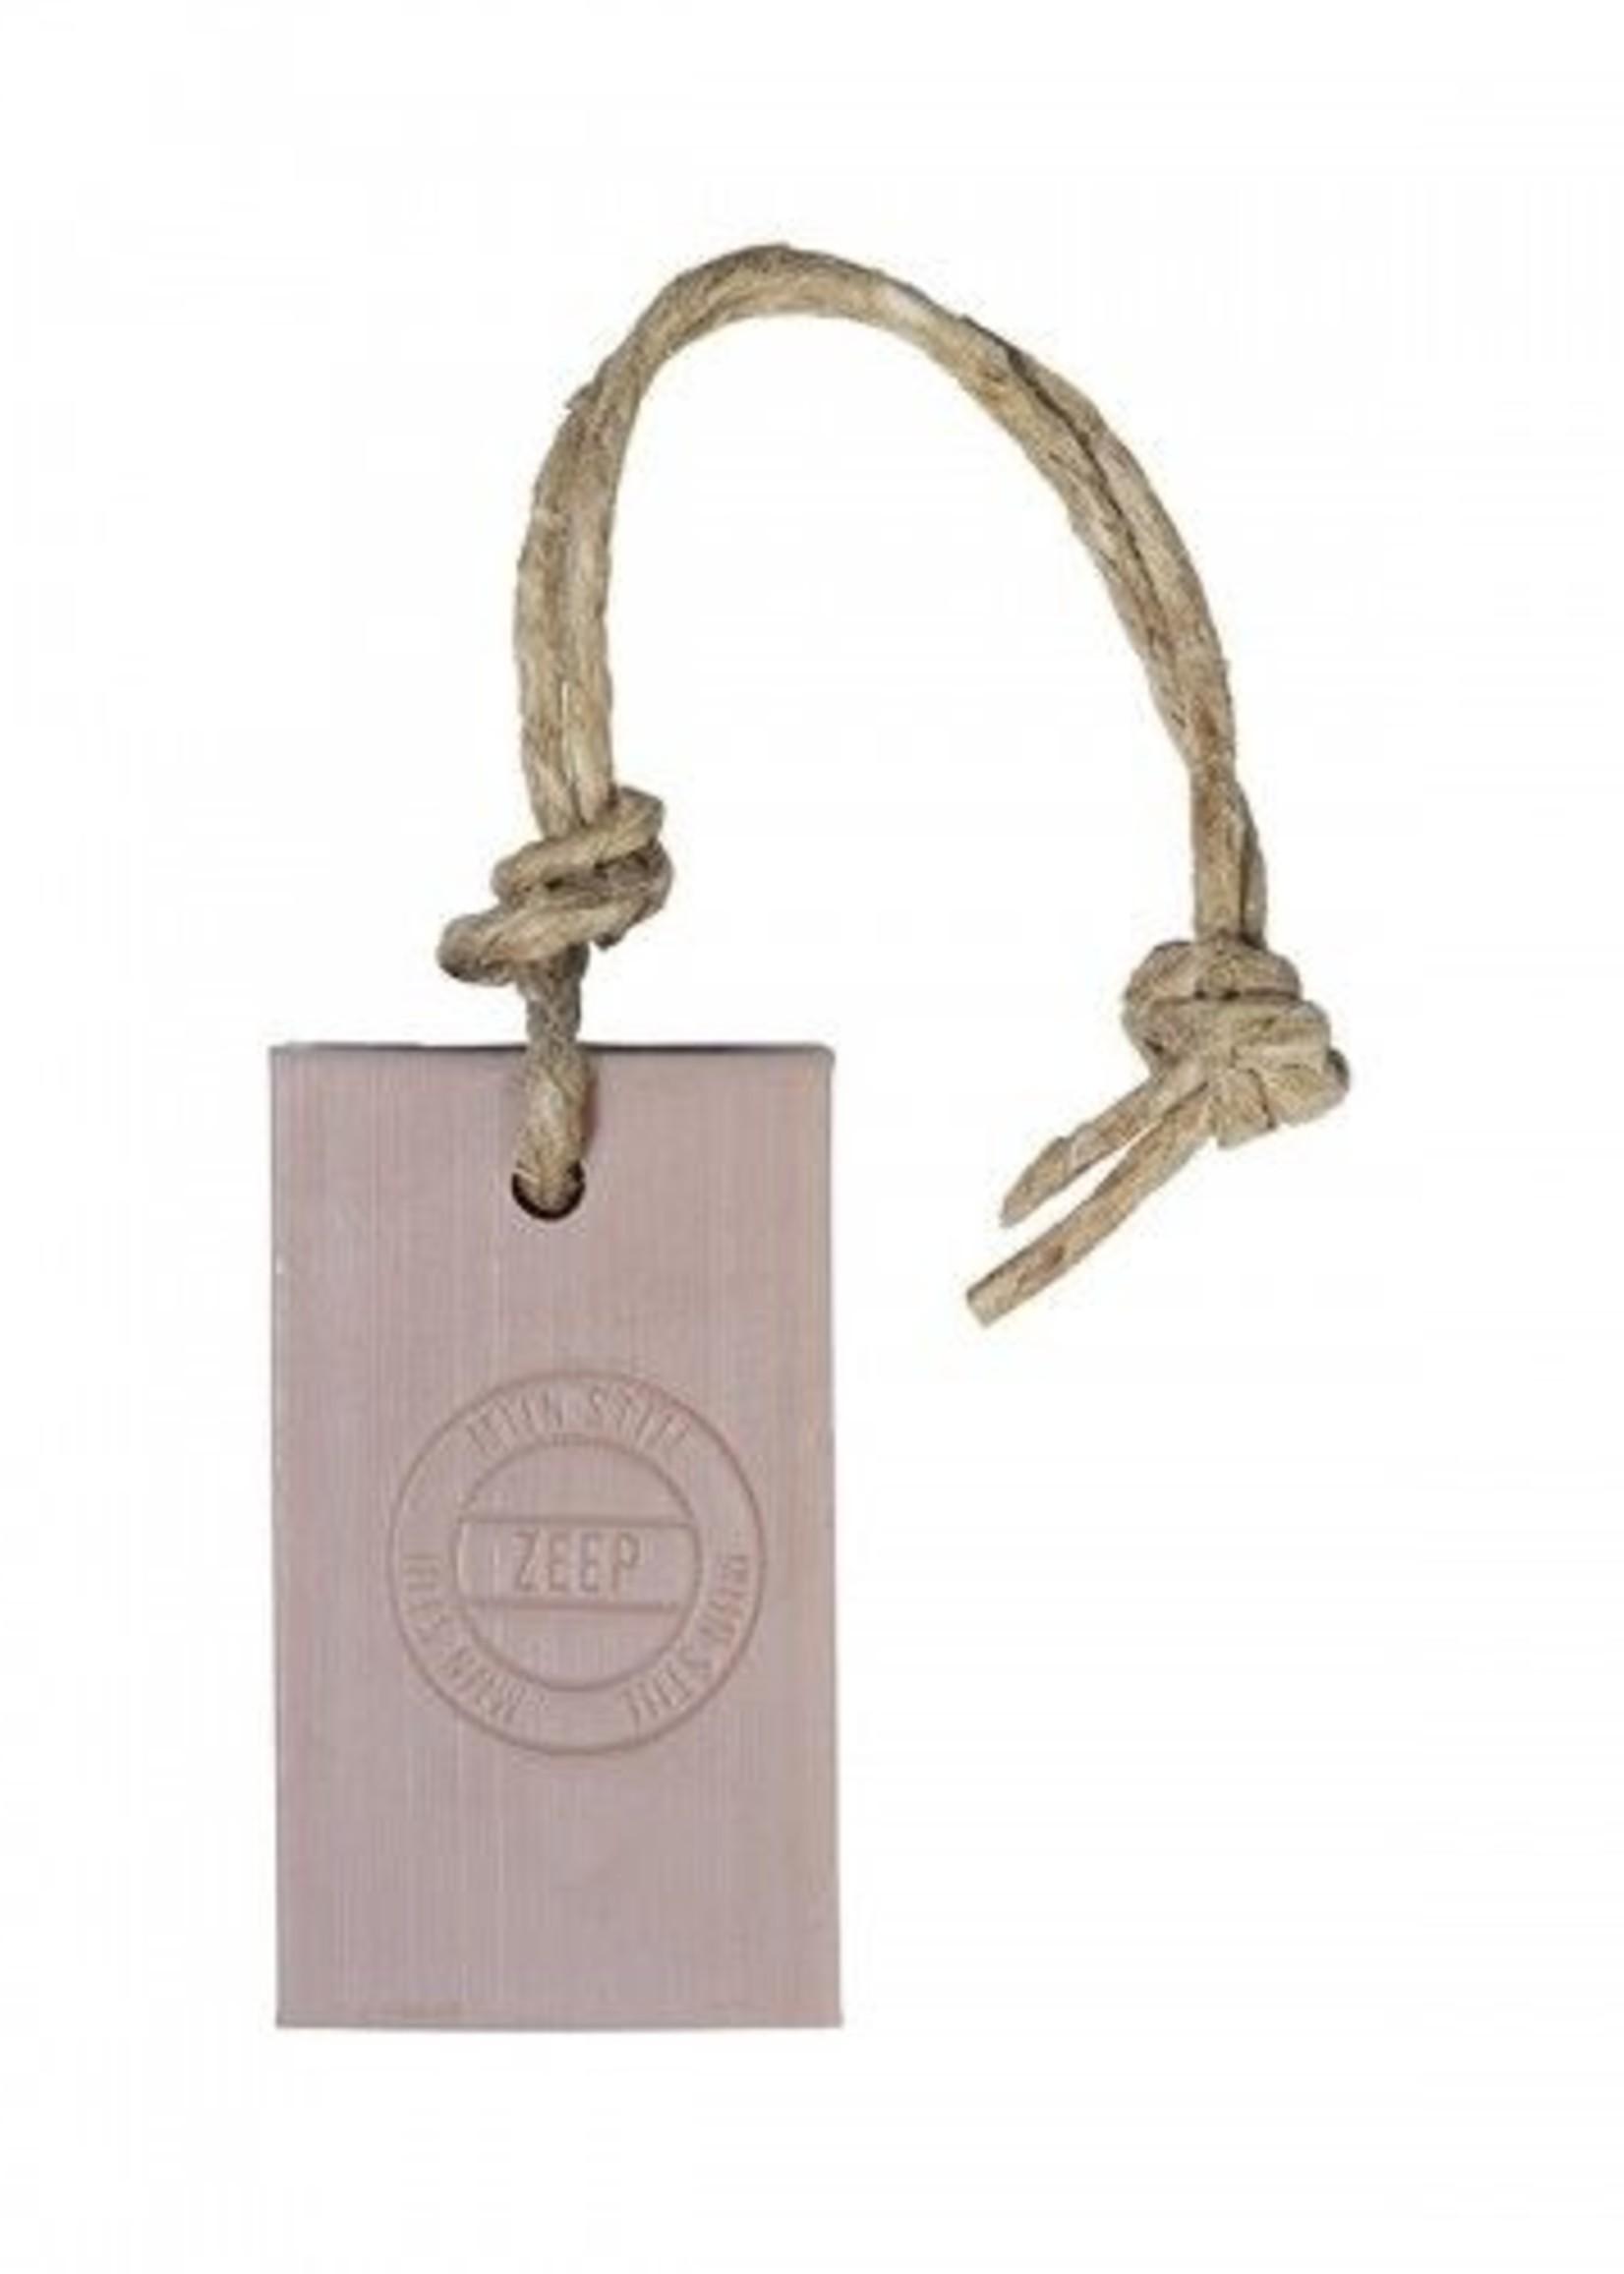 Mijn stijl Zeephanger rechthoek stempel 90 gram Champagne roze parfum Herbal Meleze